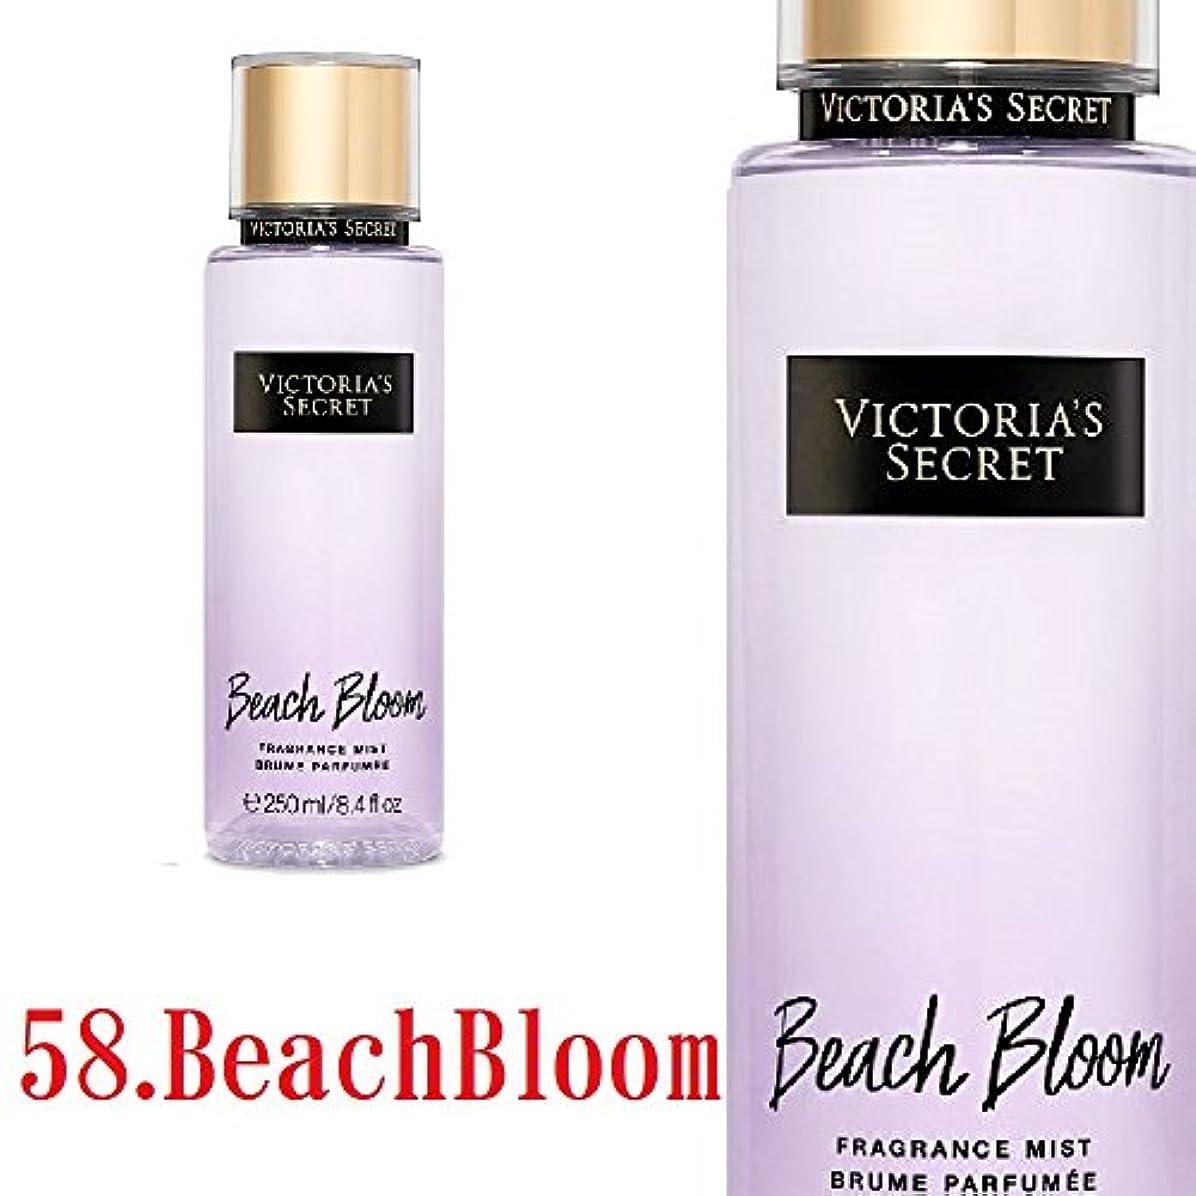 ヒールキッチン容量フレグランスミスト Victoria'sSecretFantasies FragranceMist ヴィクトリアシークレット Victoria'sSecret (58.ビーチブルーム/BeachBloom) [並行輸入品]